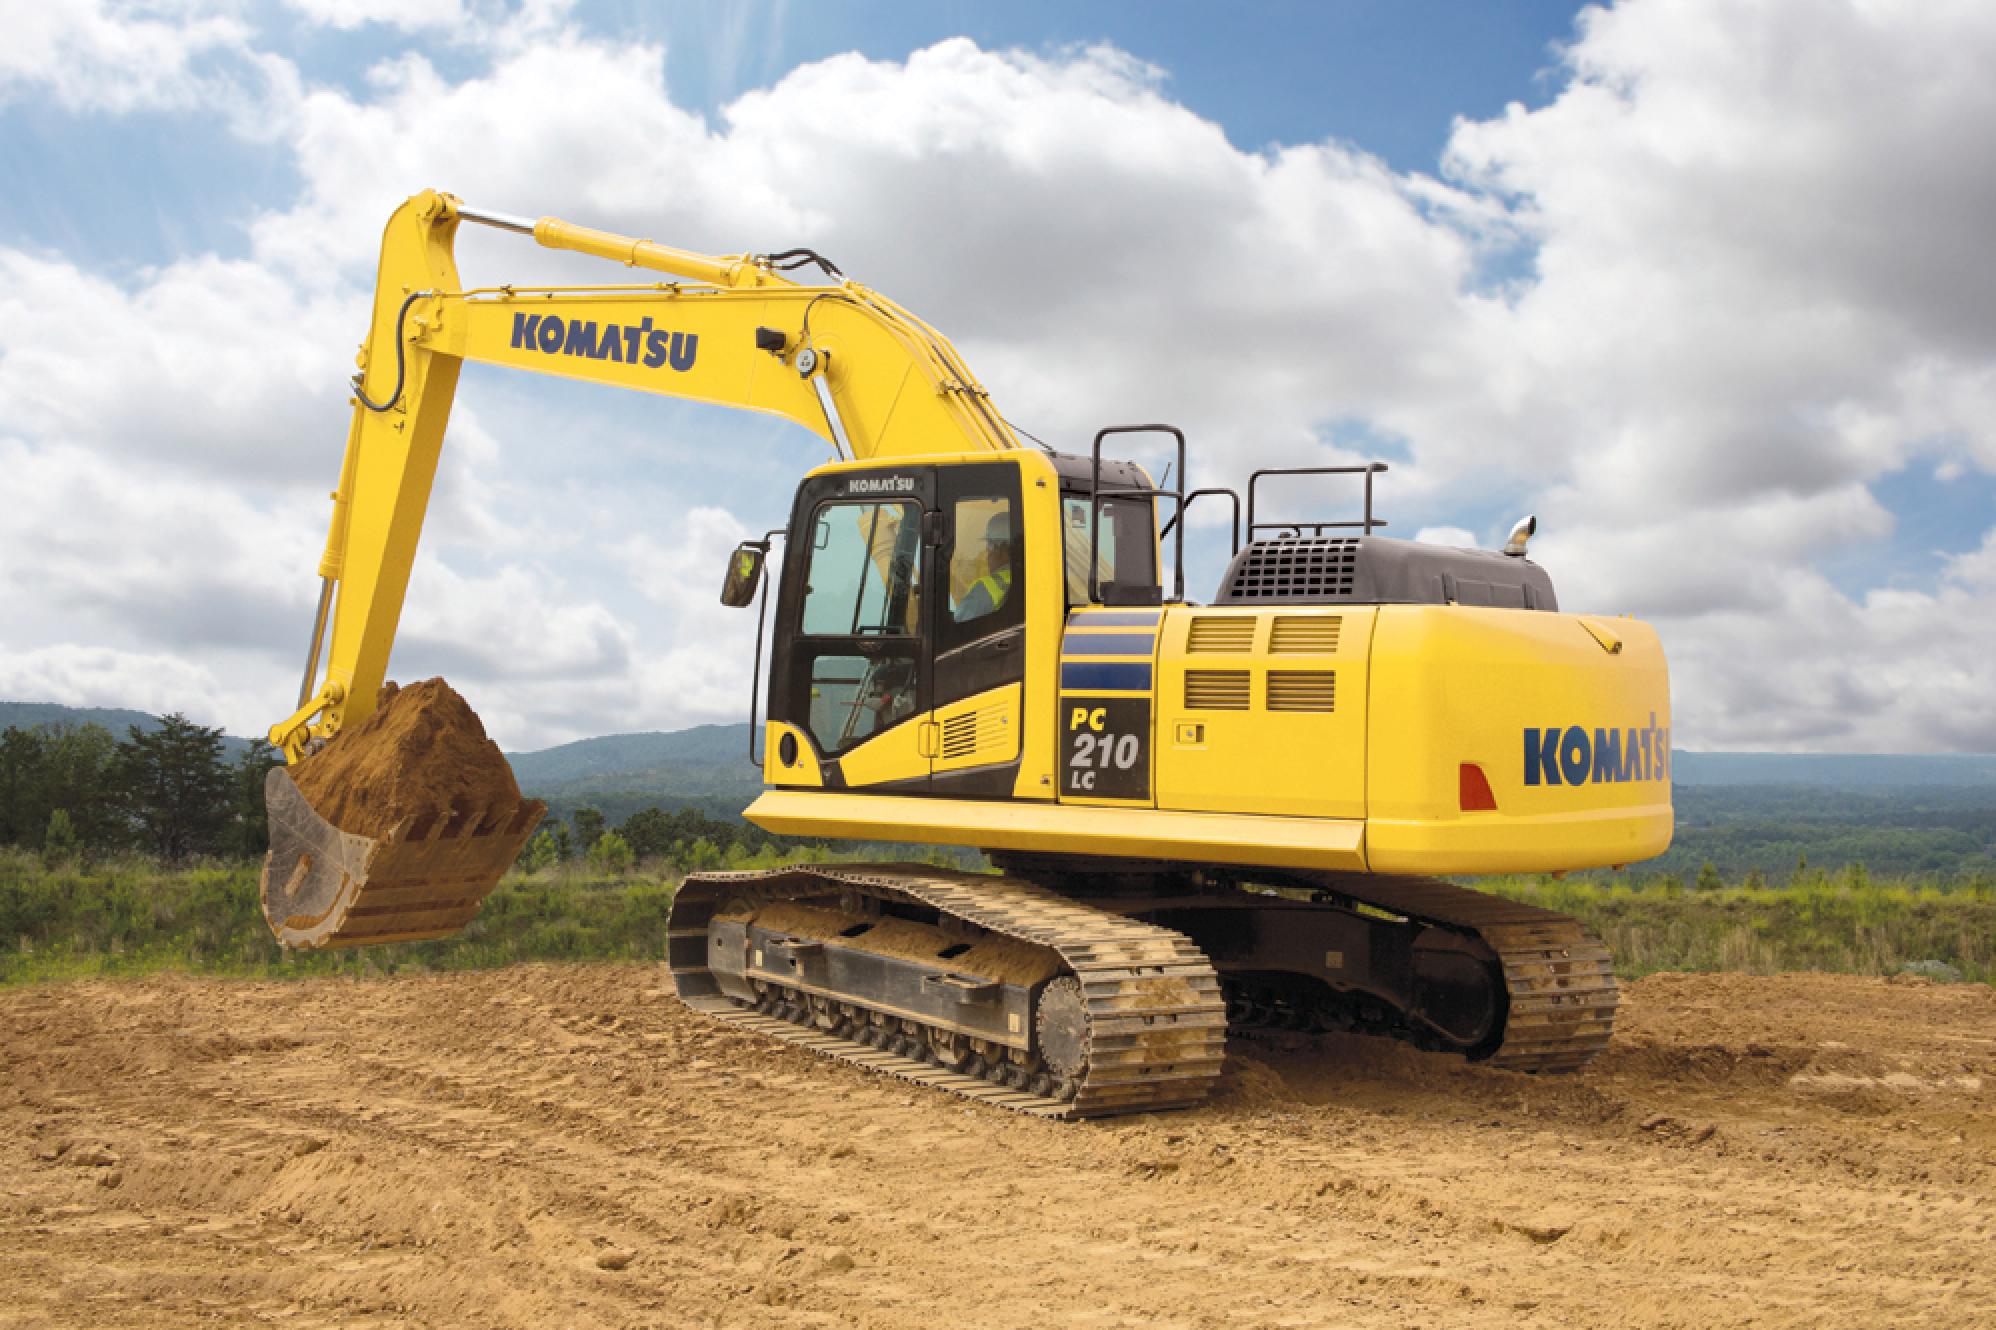 komatsu pc210lc 10 excavator review equipment world